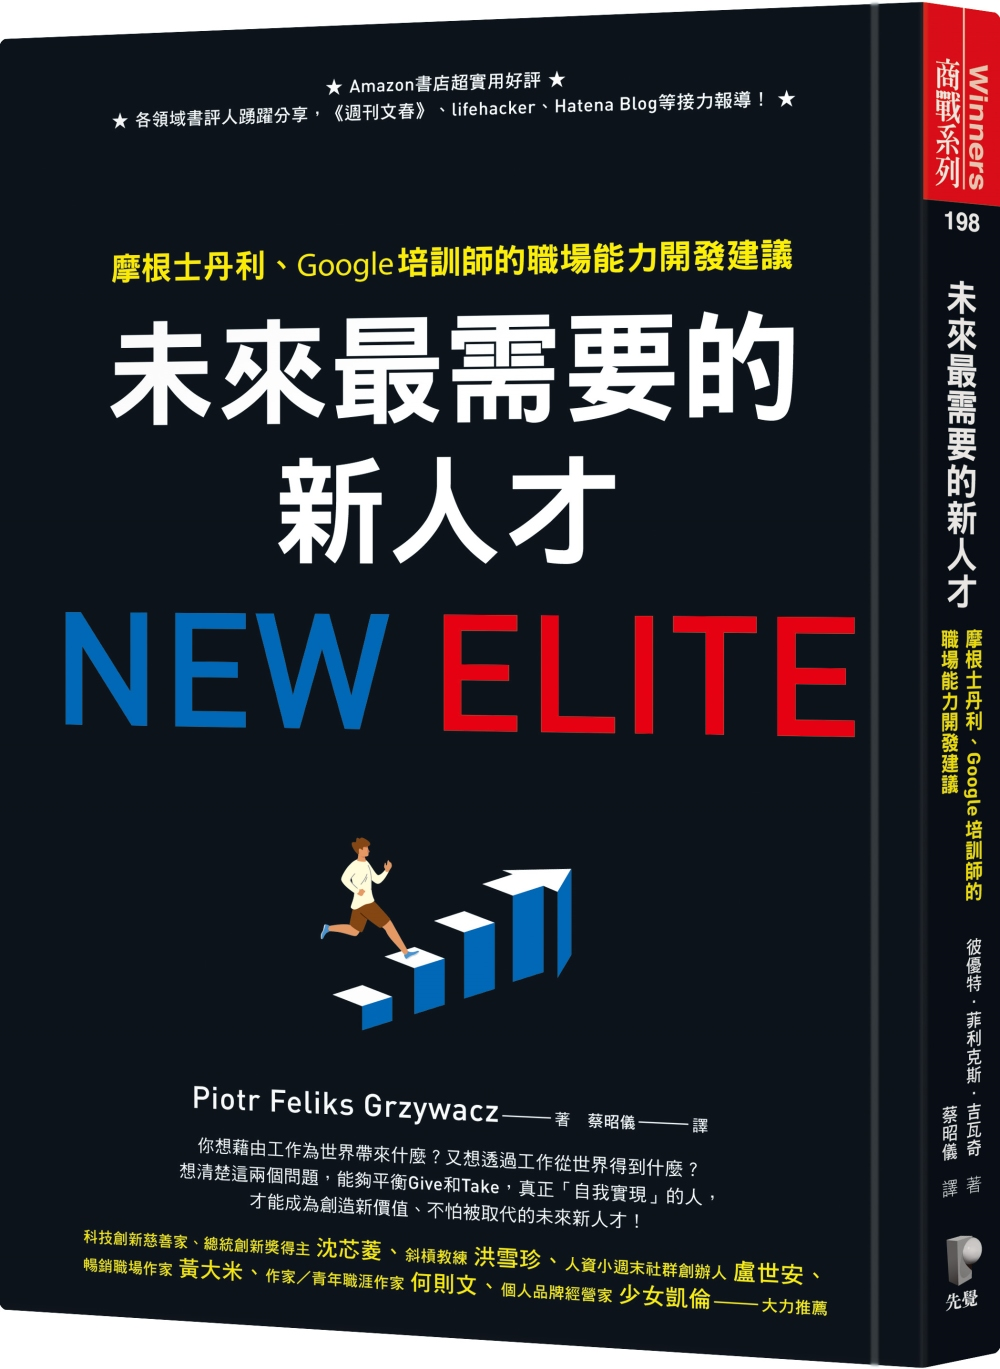 未來最需要的新人才:摩根士丹利、Google培訓師的職場能力開發建議